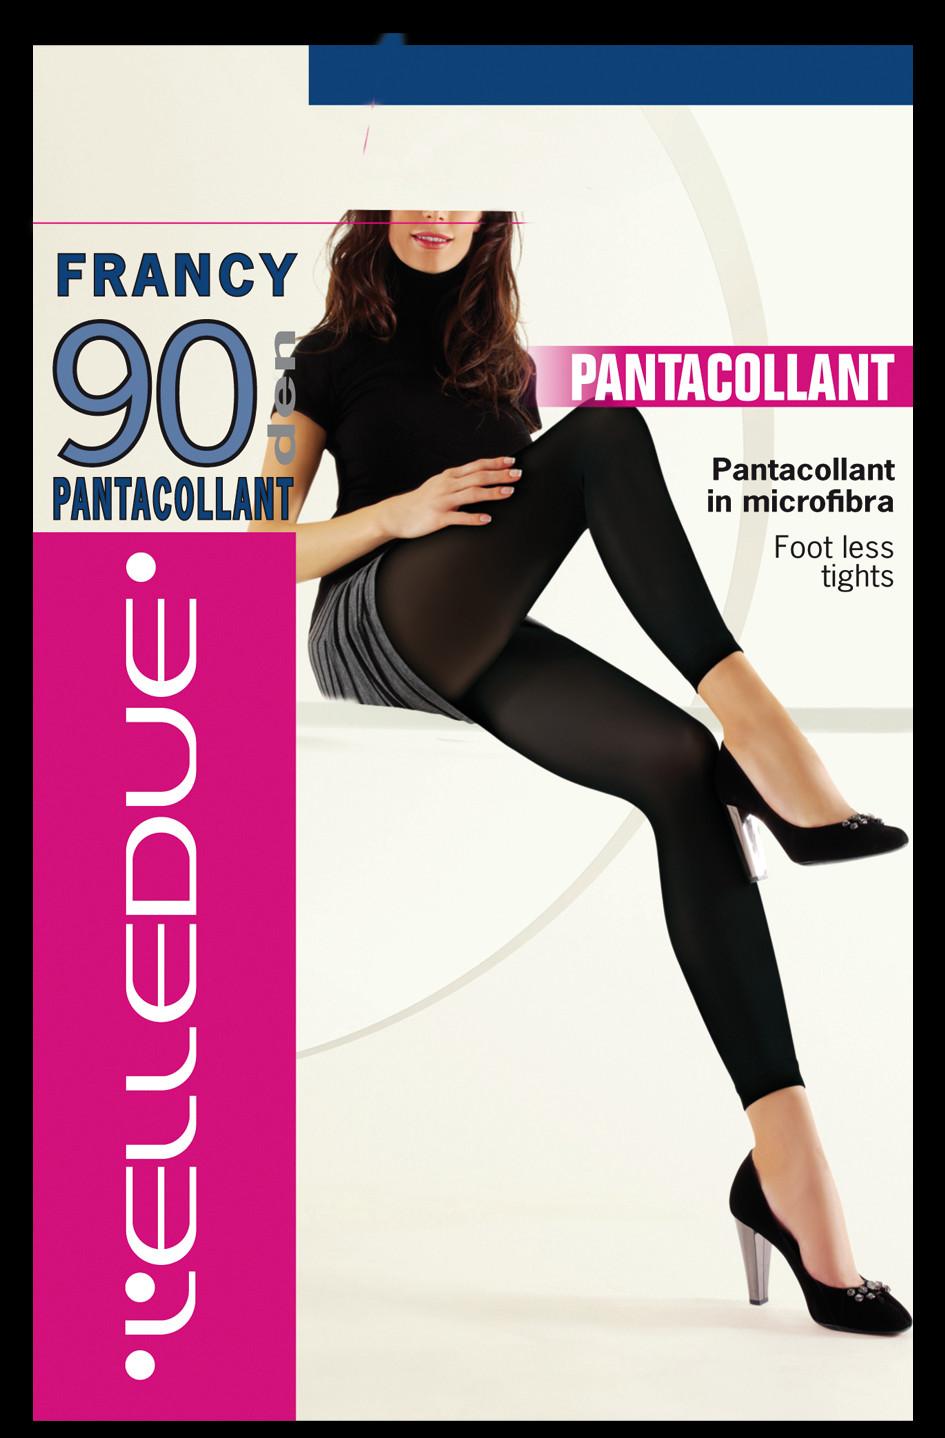 Francy-90-levante